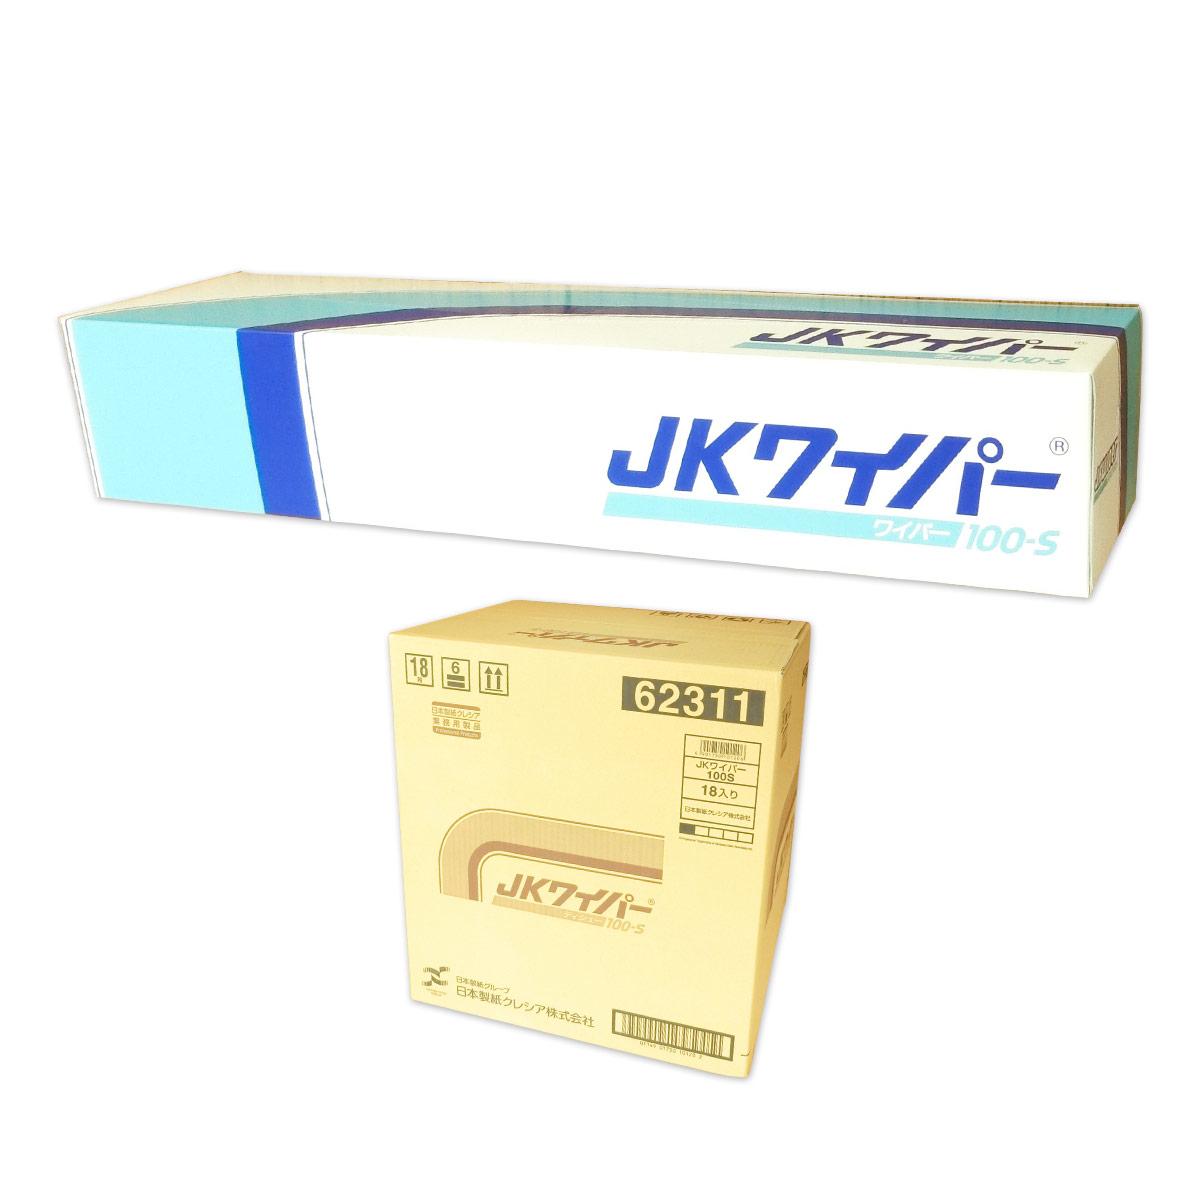 JKワイパー 100-S 100枚入 × 18箱 【日本製紙クレシア 業務用】【62311 tmp】